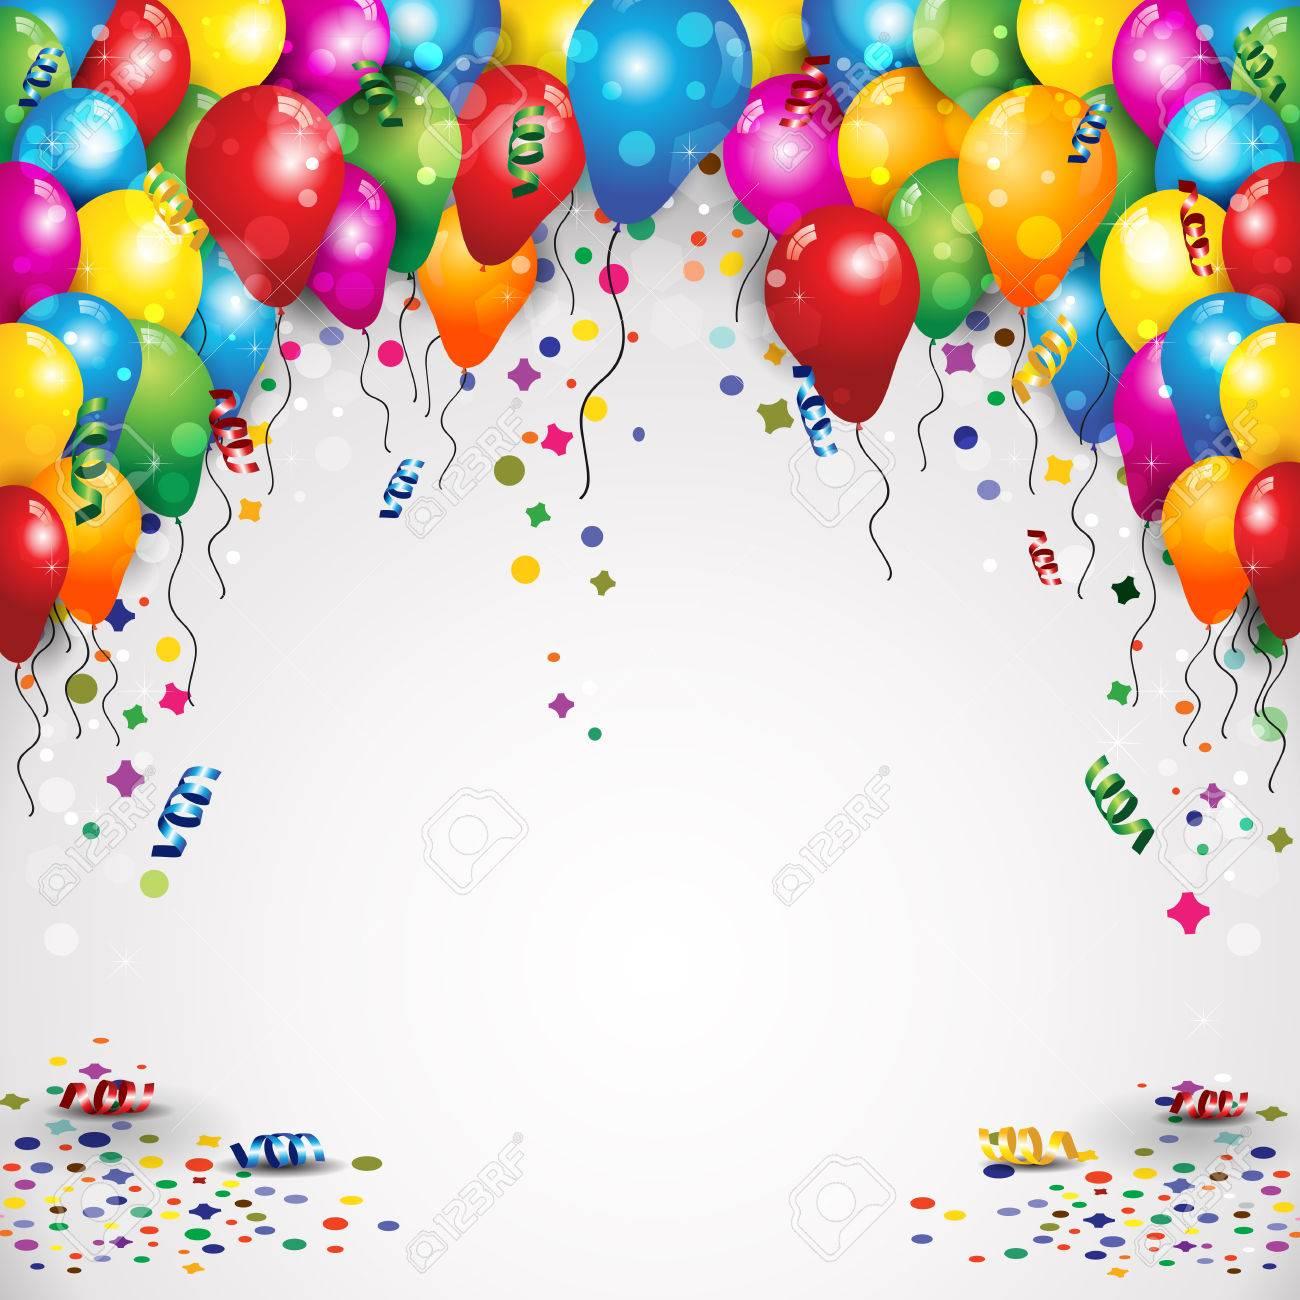 globos y confeti para fiestas de cumpleaos con el espacio para insertar el texto la